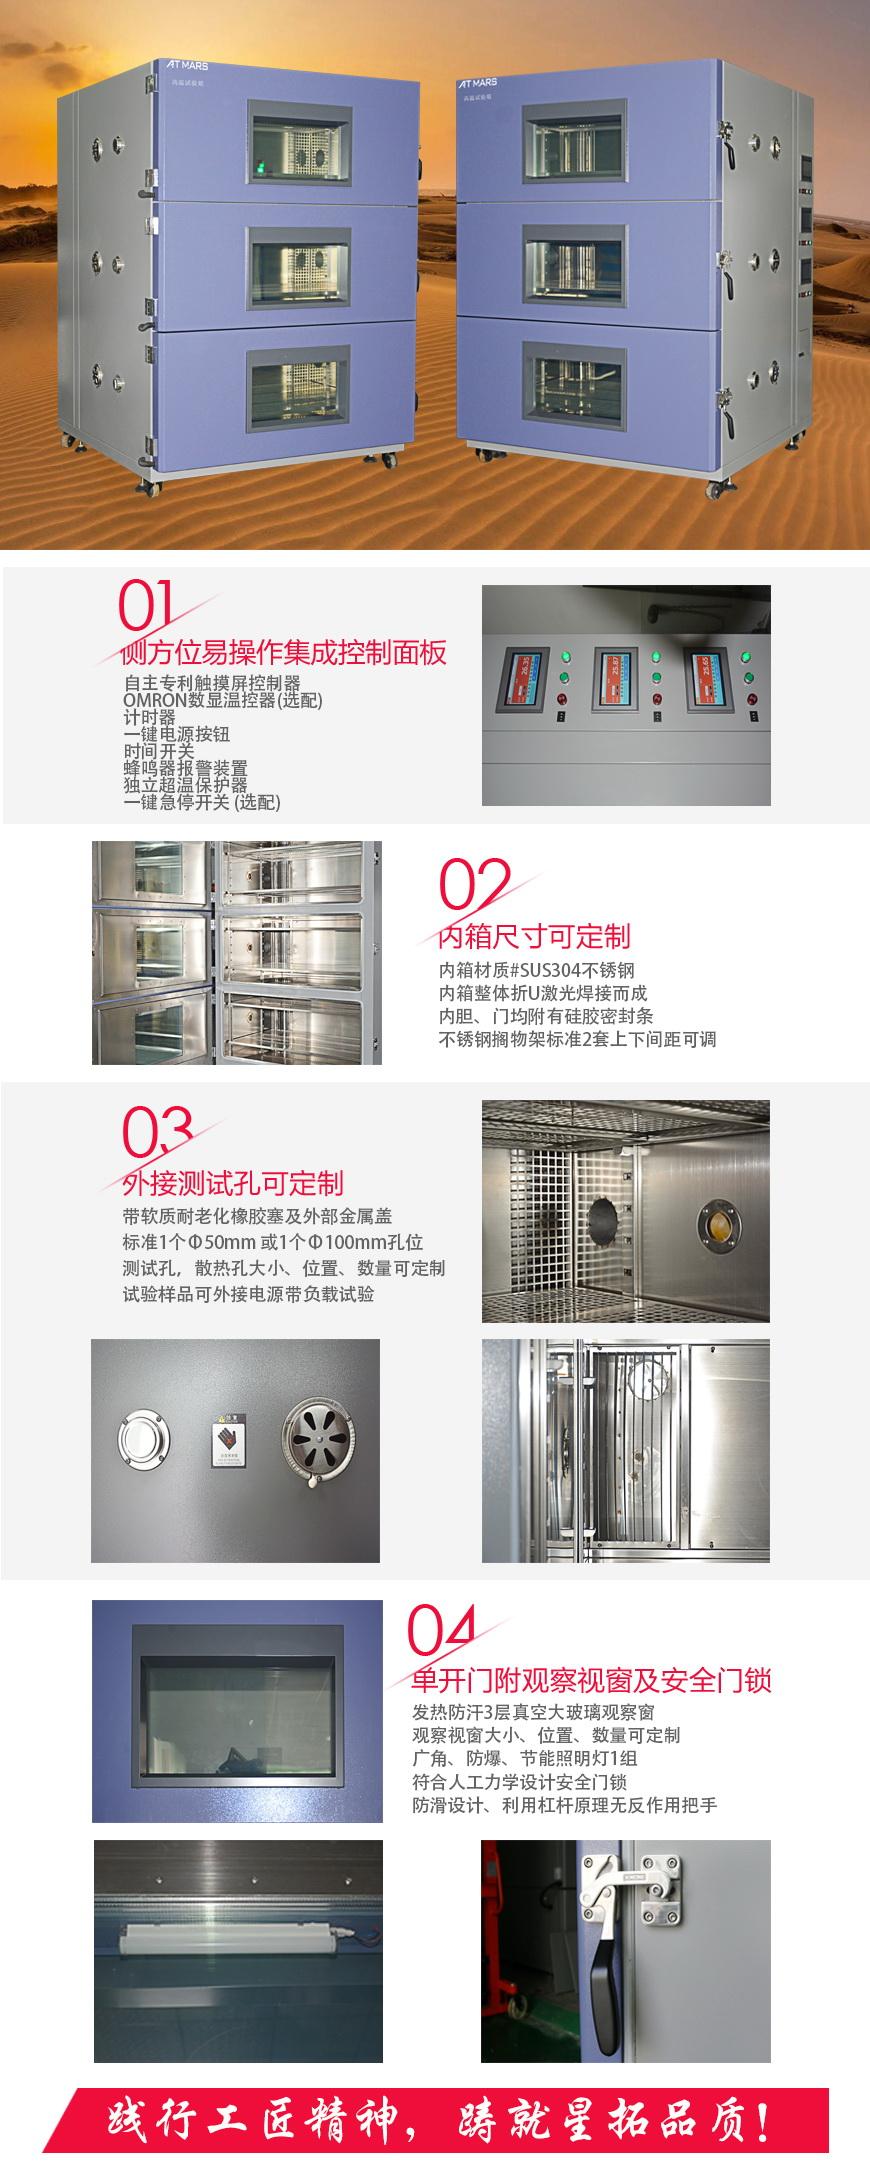 三层高温烤箱 AO-3x520A结构